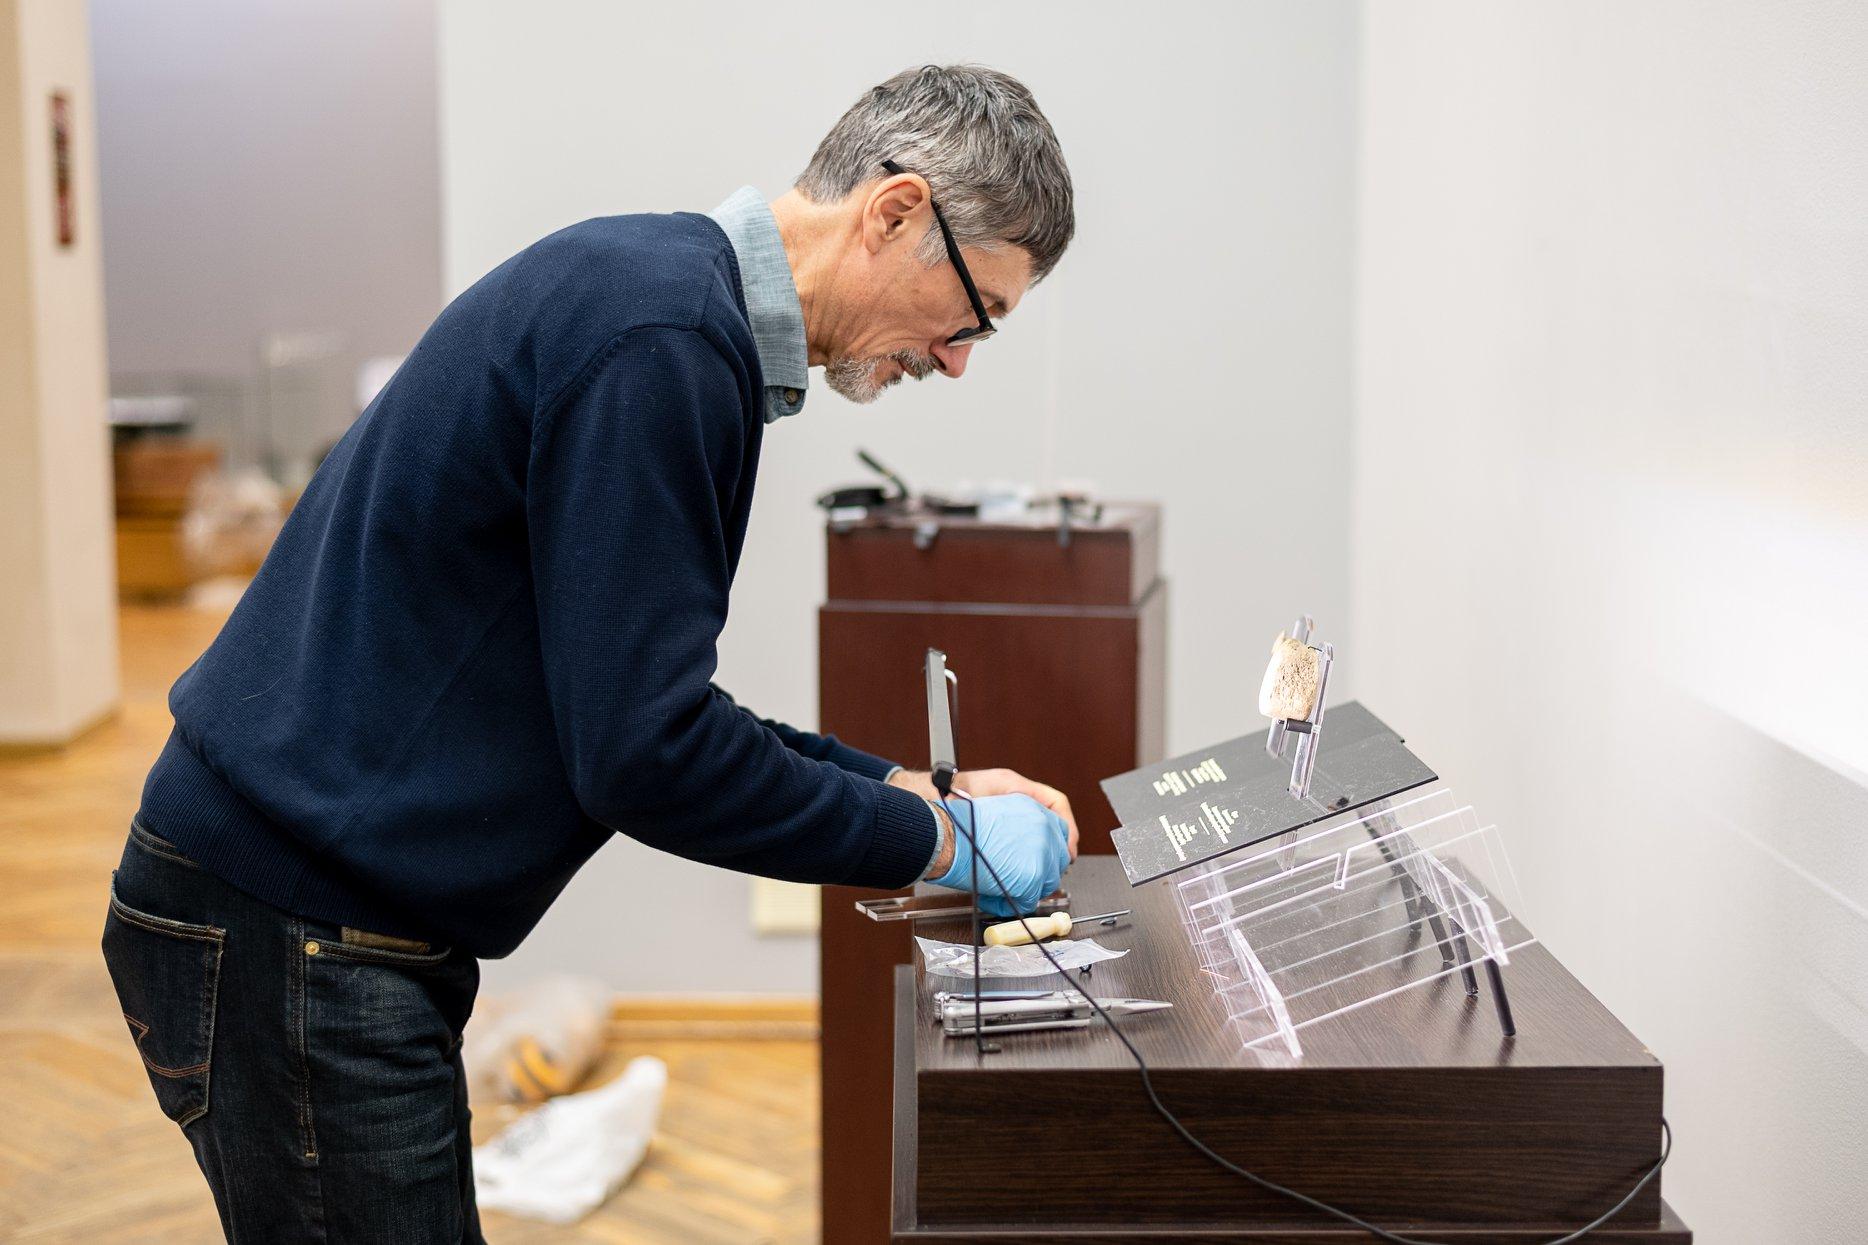 Столичний музей запрошує на виставку, присвячену українській геральдиці - музей, експозиція, виставка - 127189392 10157648063828144 5378165705307851422 o